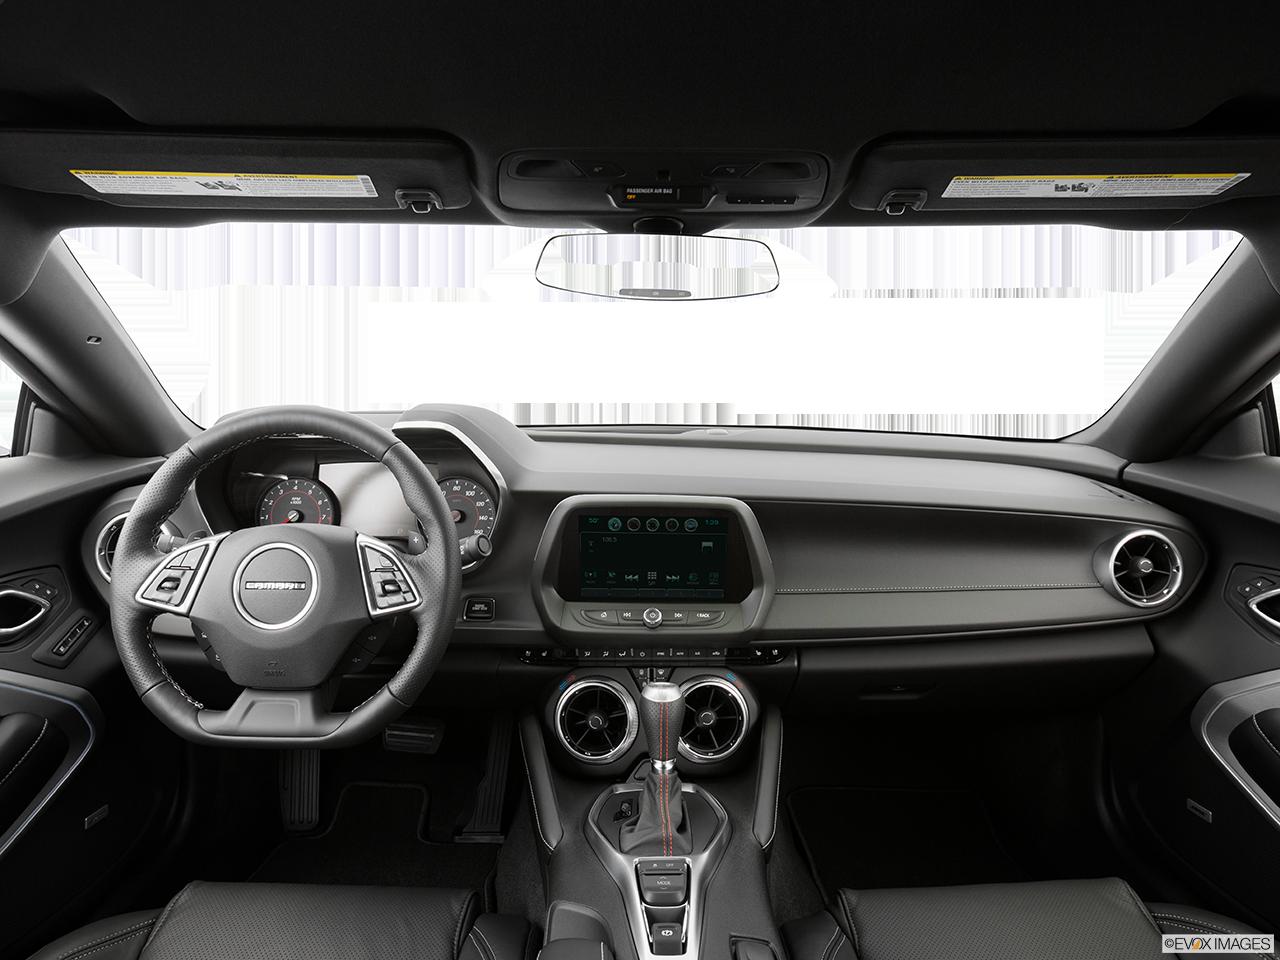 chevrolet camaro 2016 interior. interior view of 2016 chevrolet camaro in irvine